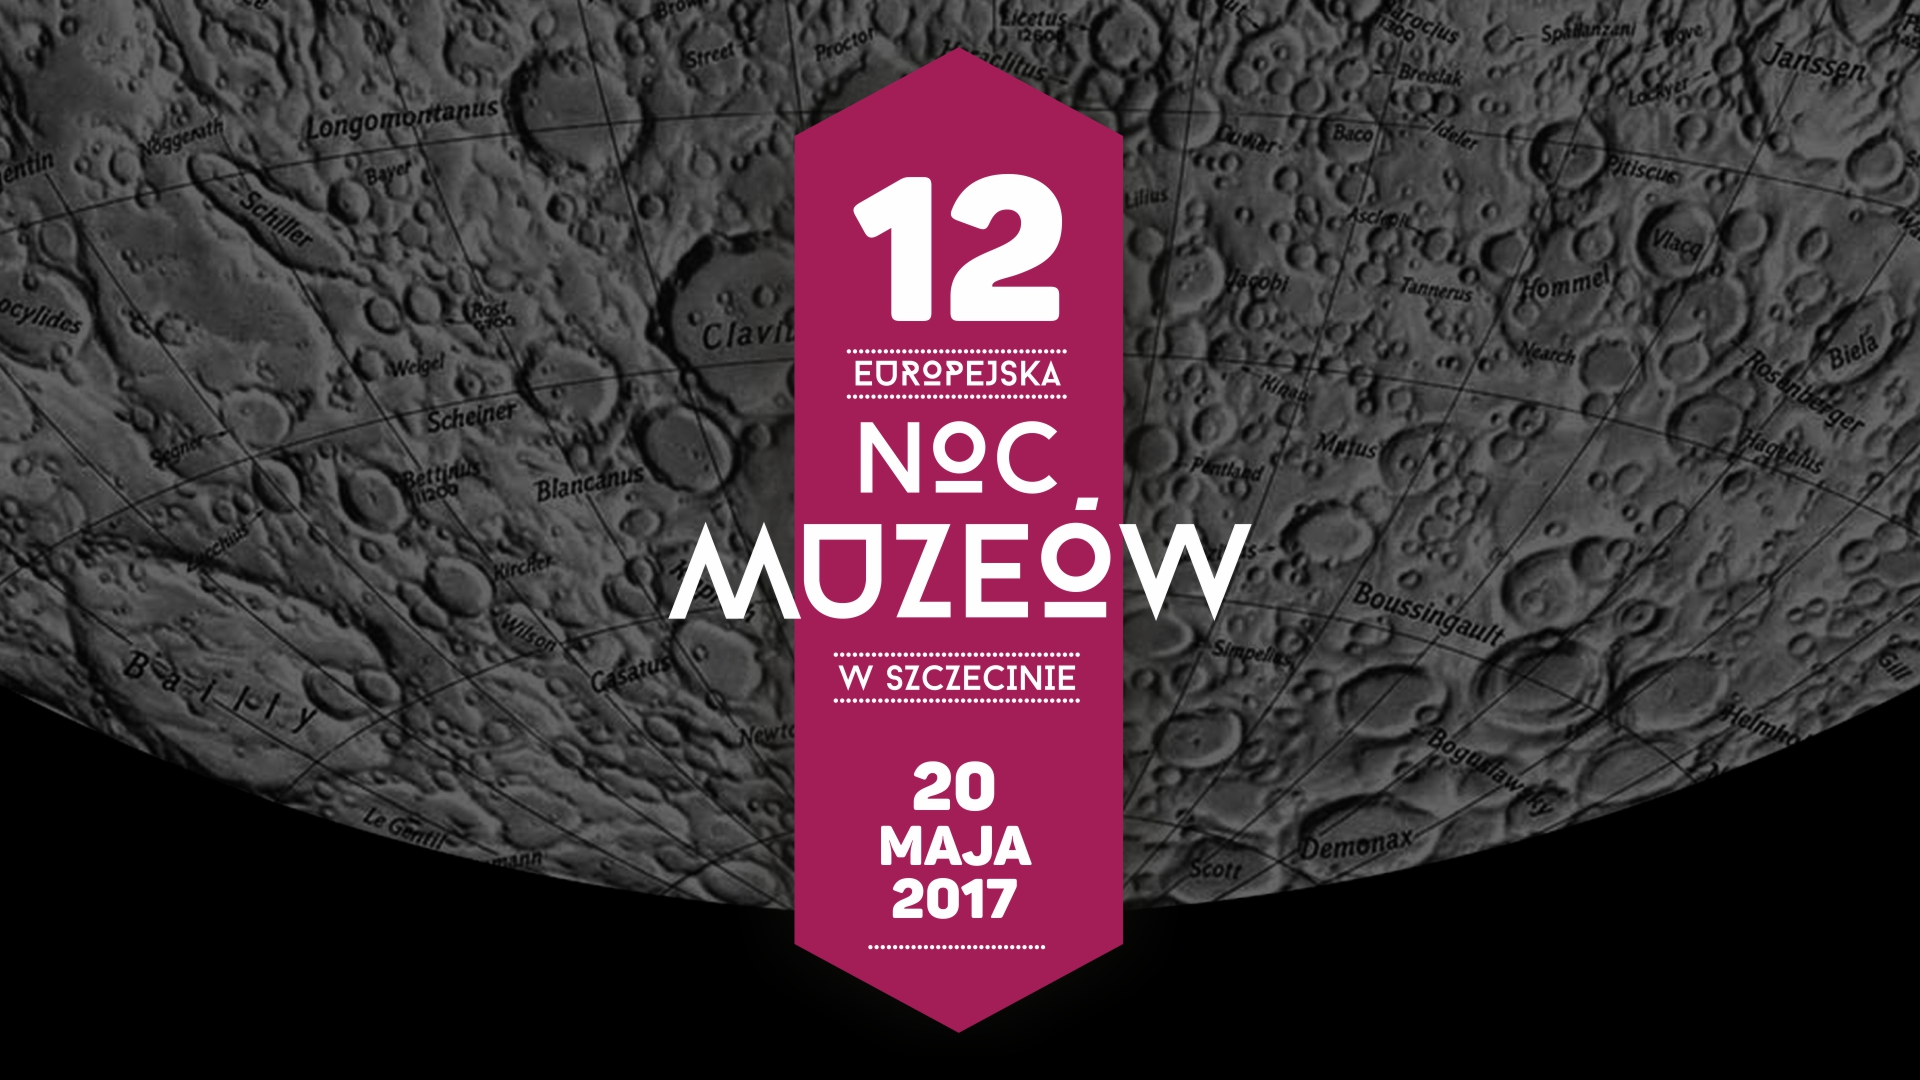 12. Europejska Noc Muzeów w Szczecinie